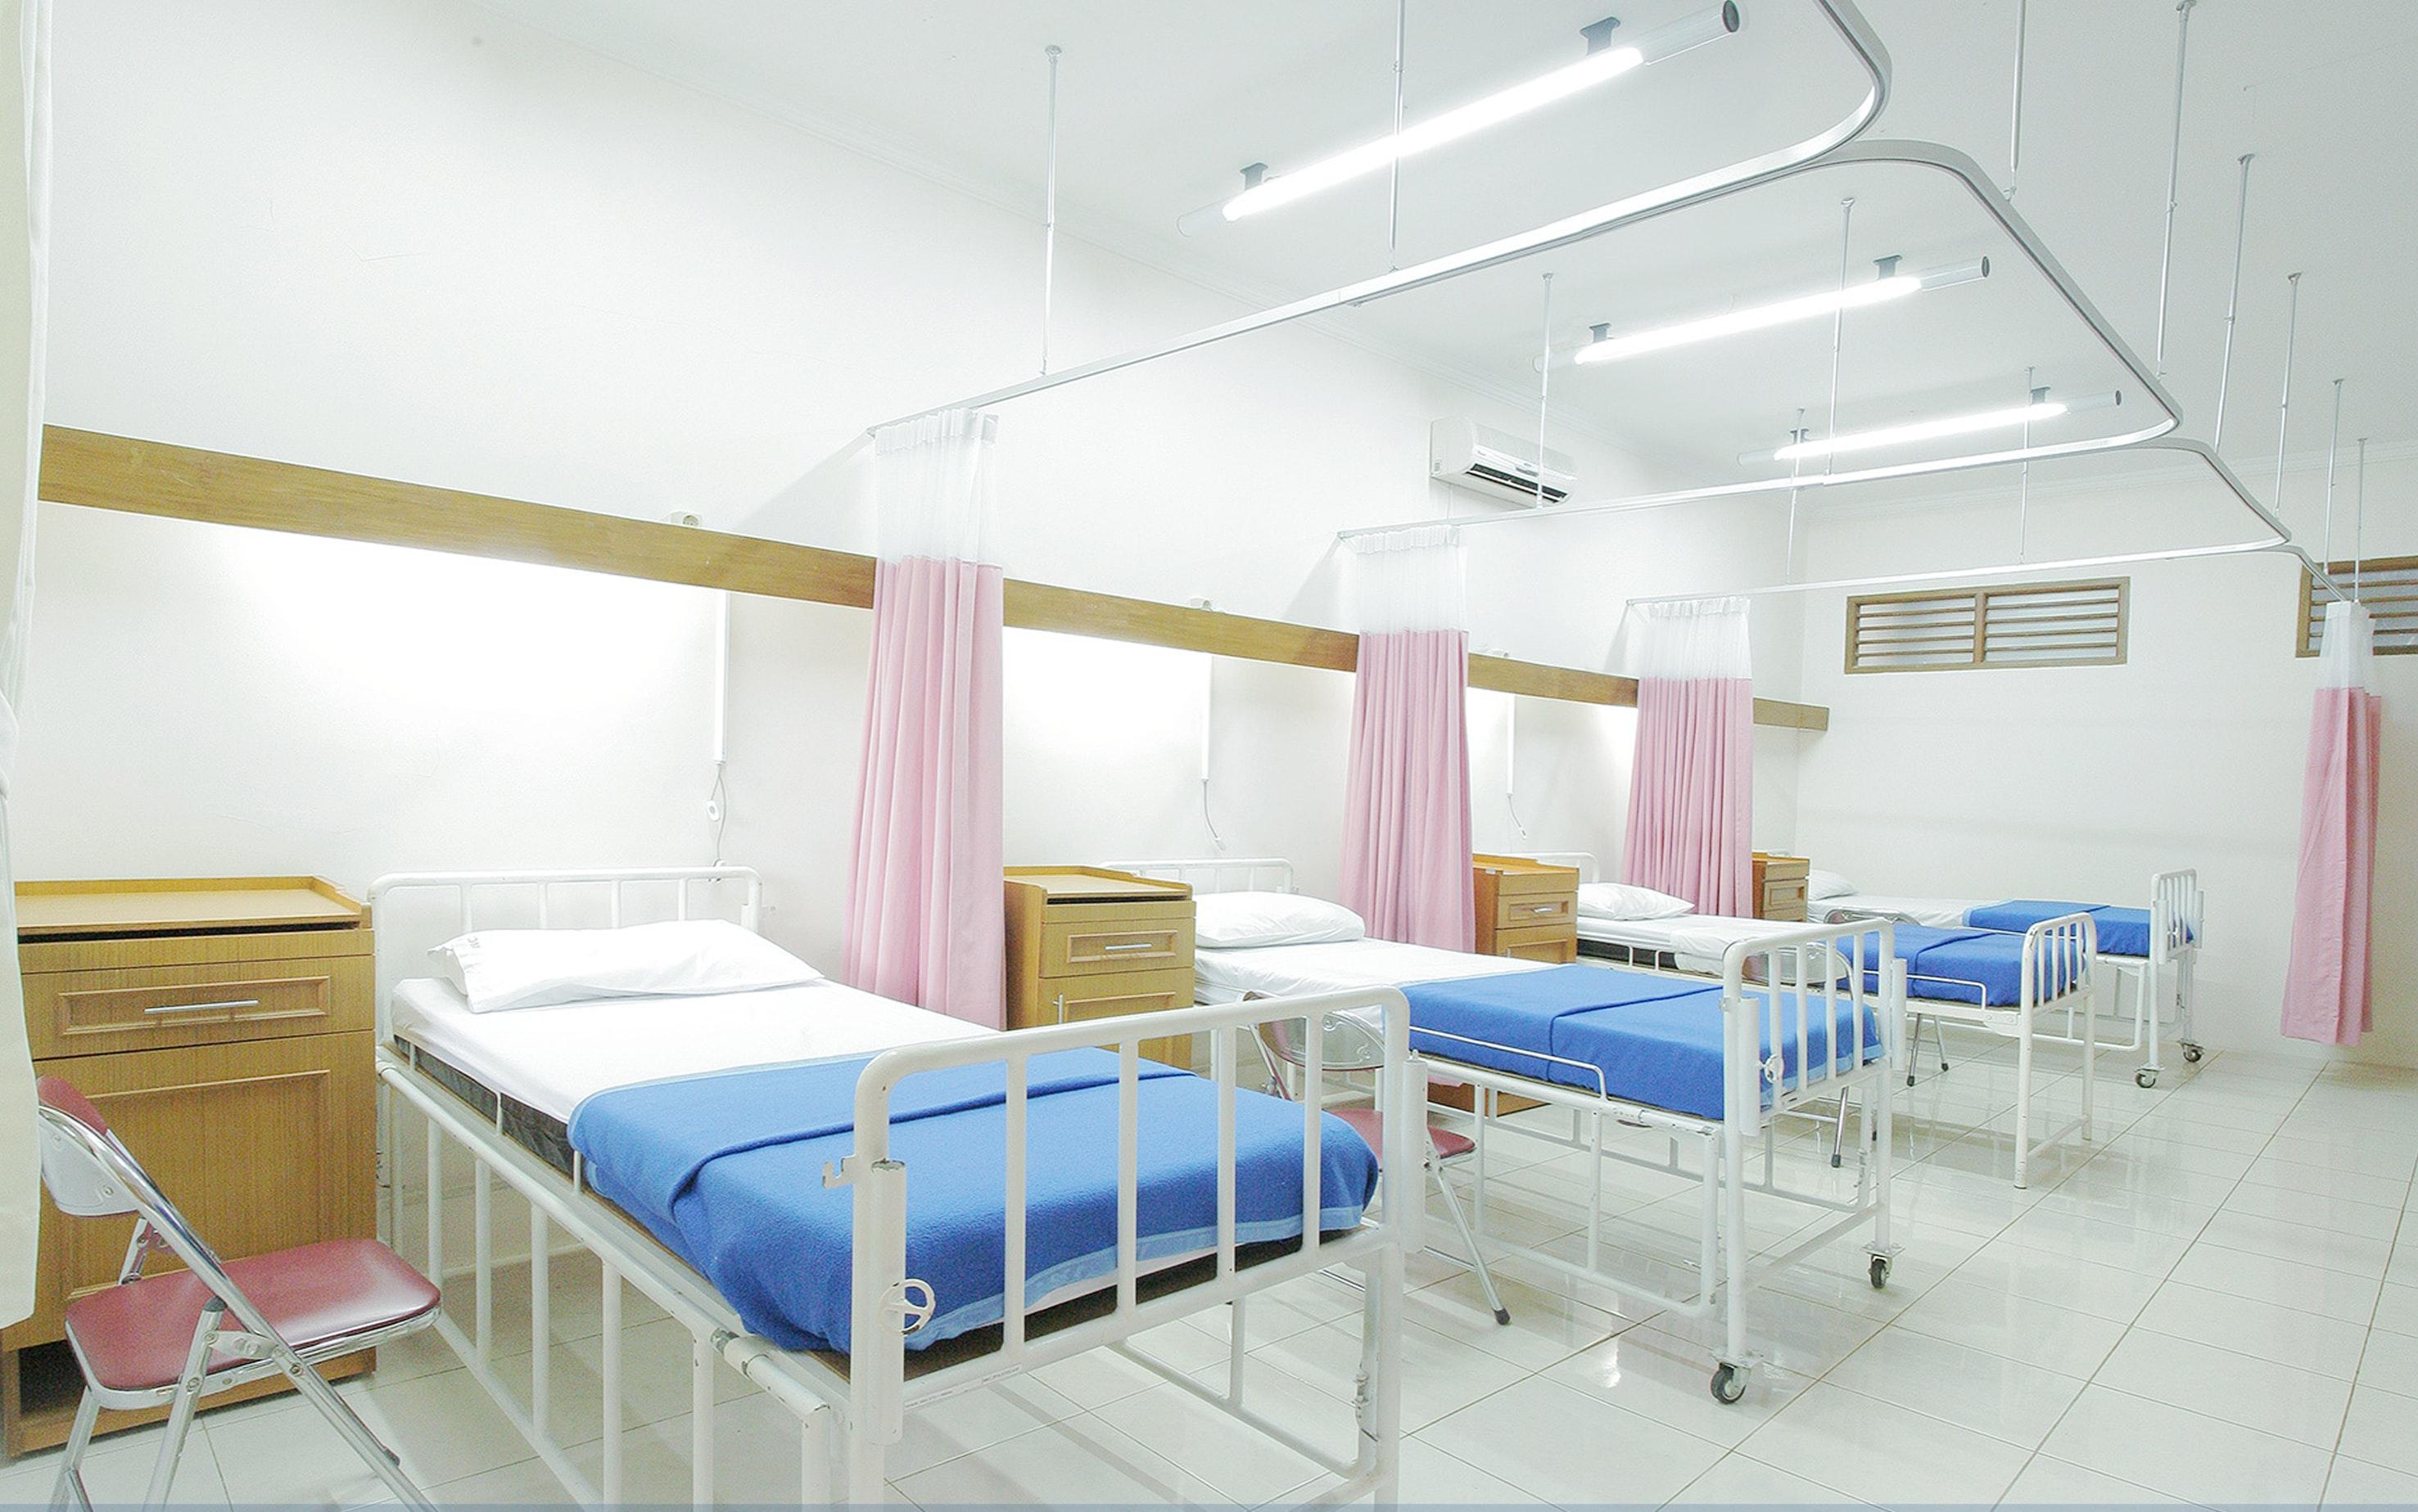 sairaalahuone jossa neljä sänkypaikkaa Credit: Adhy Savala Unsplash